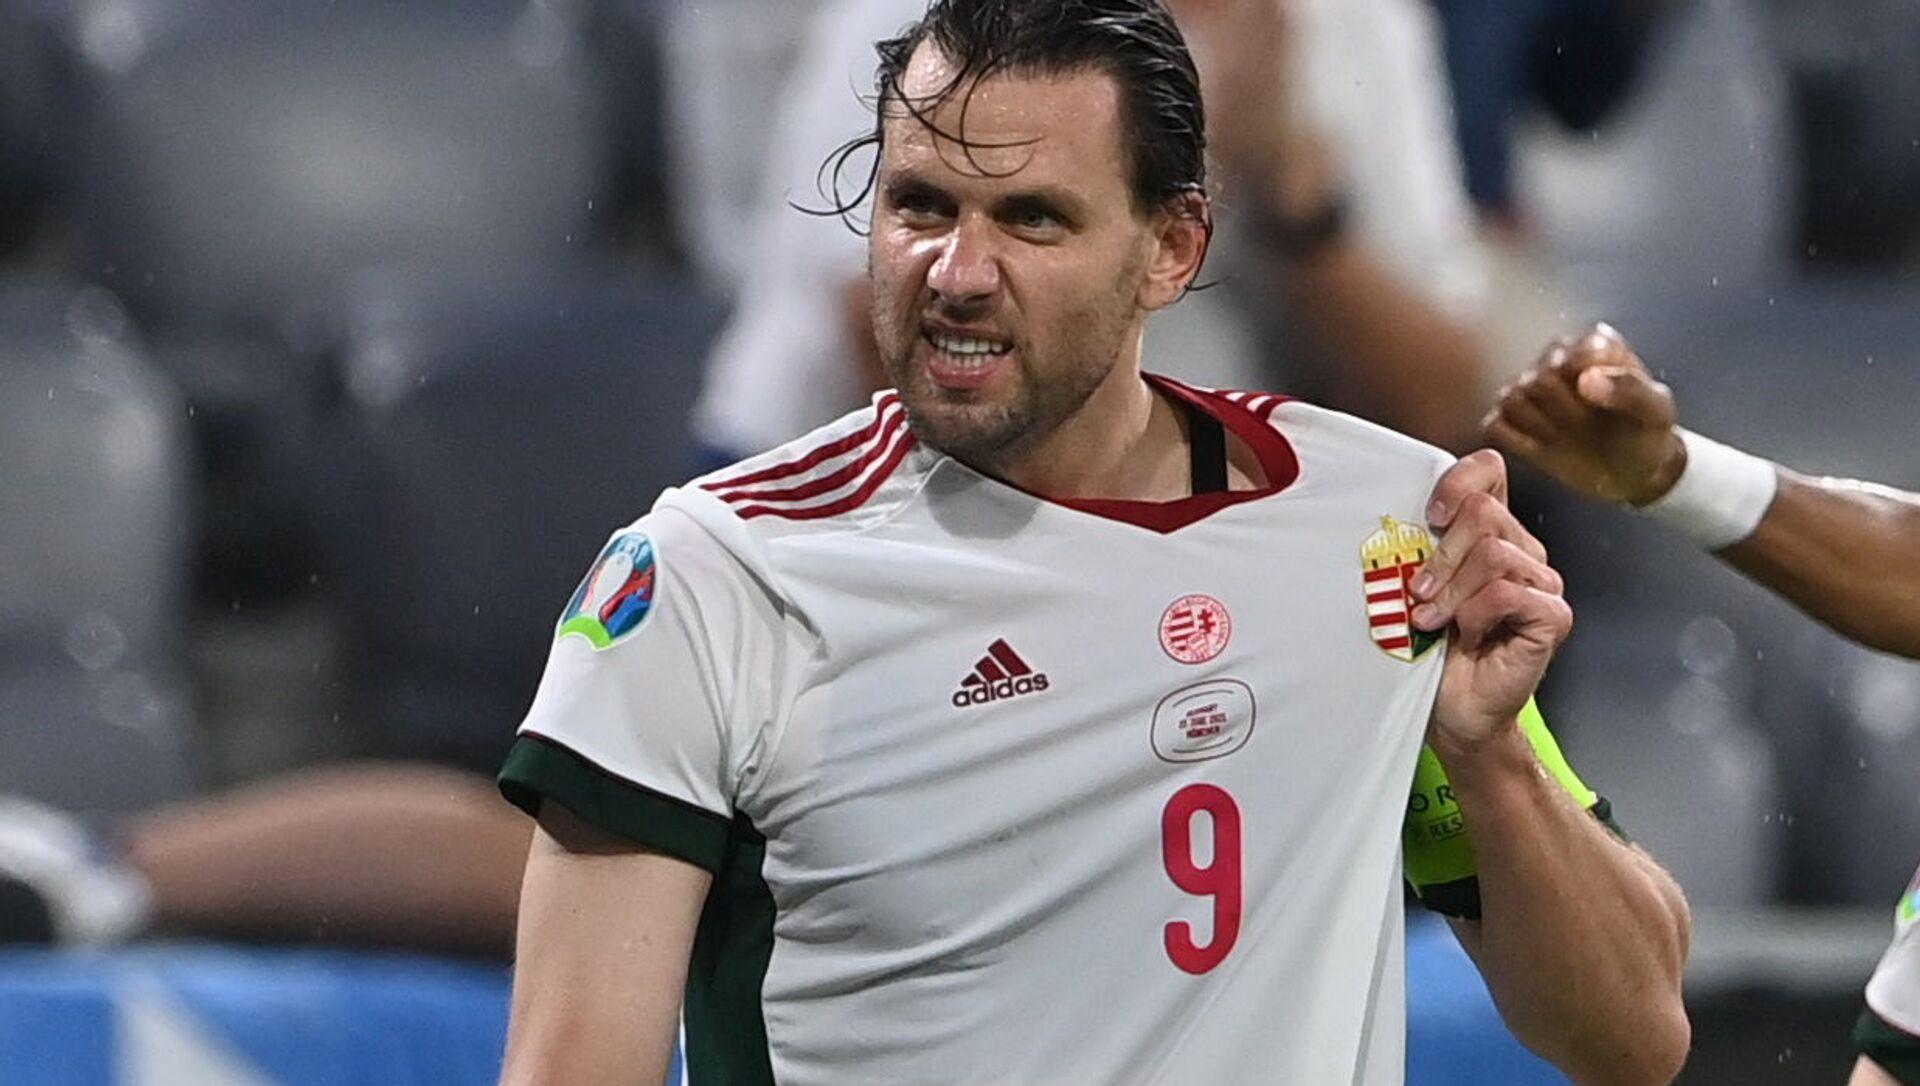 Đội trưởng đội tuyển quốc gia Hungary Adam Salai - Sputnik Việt Nam, 1920, 24.06.2021